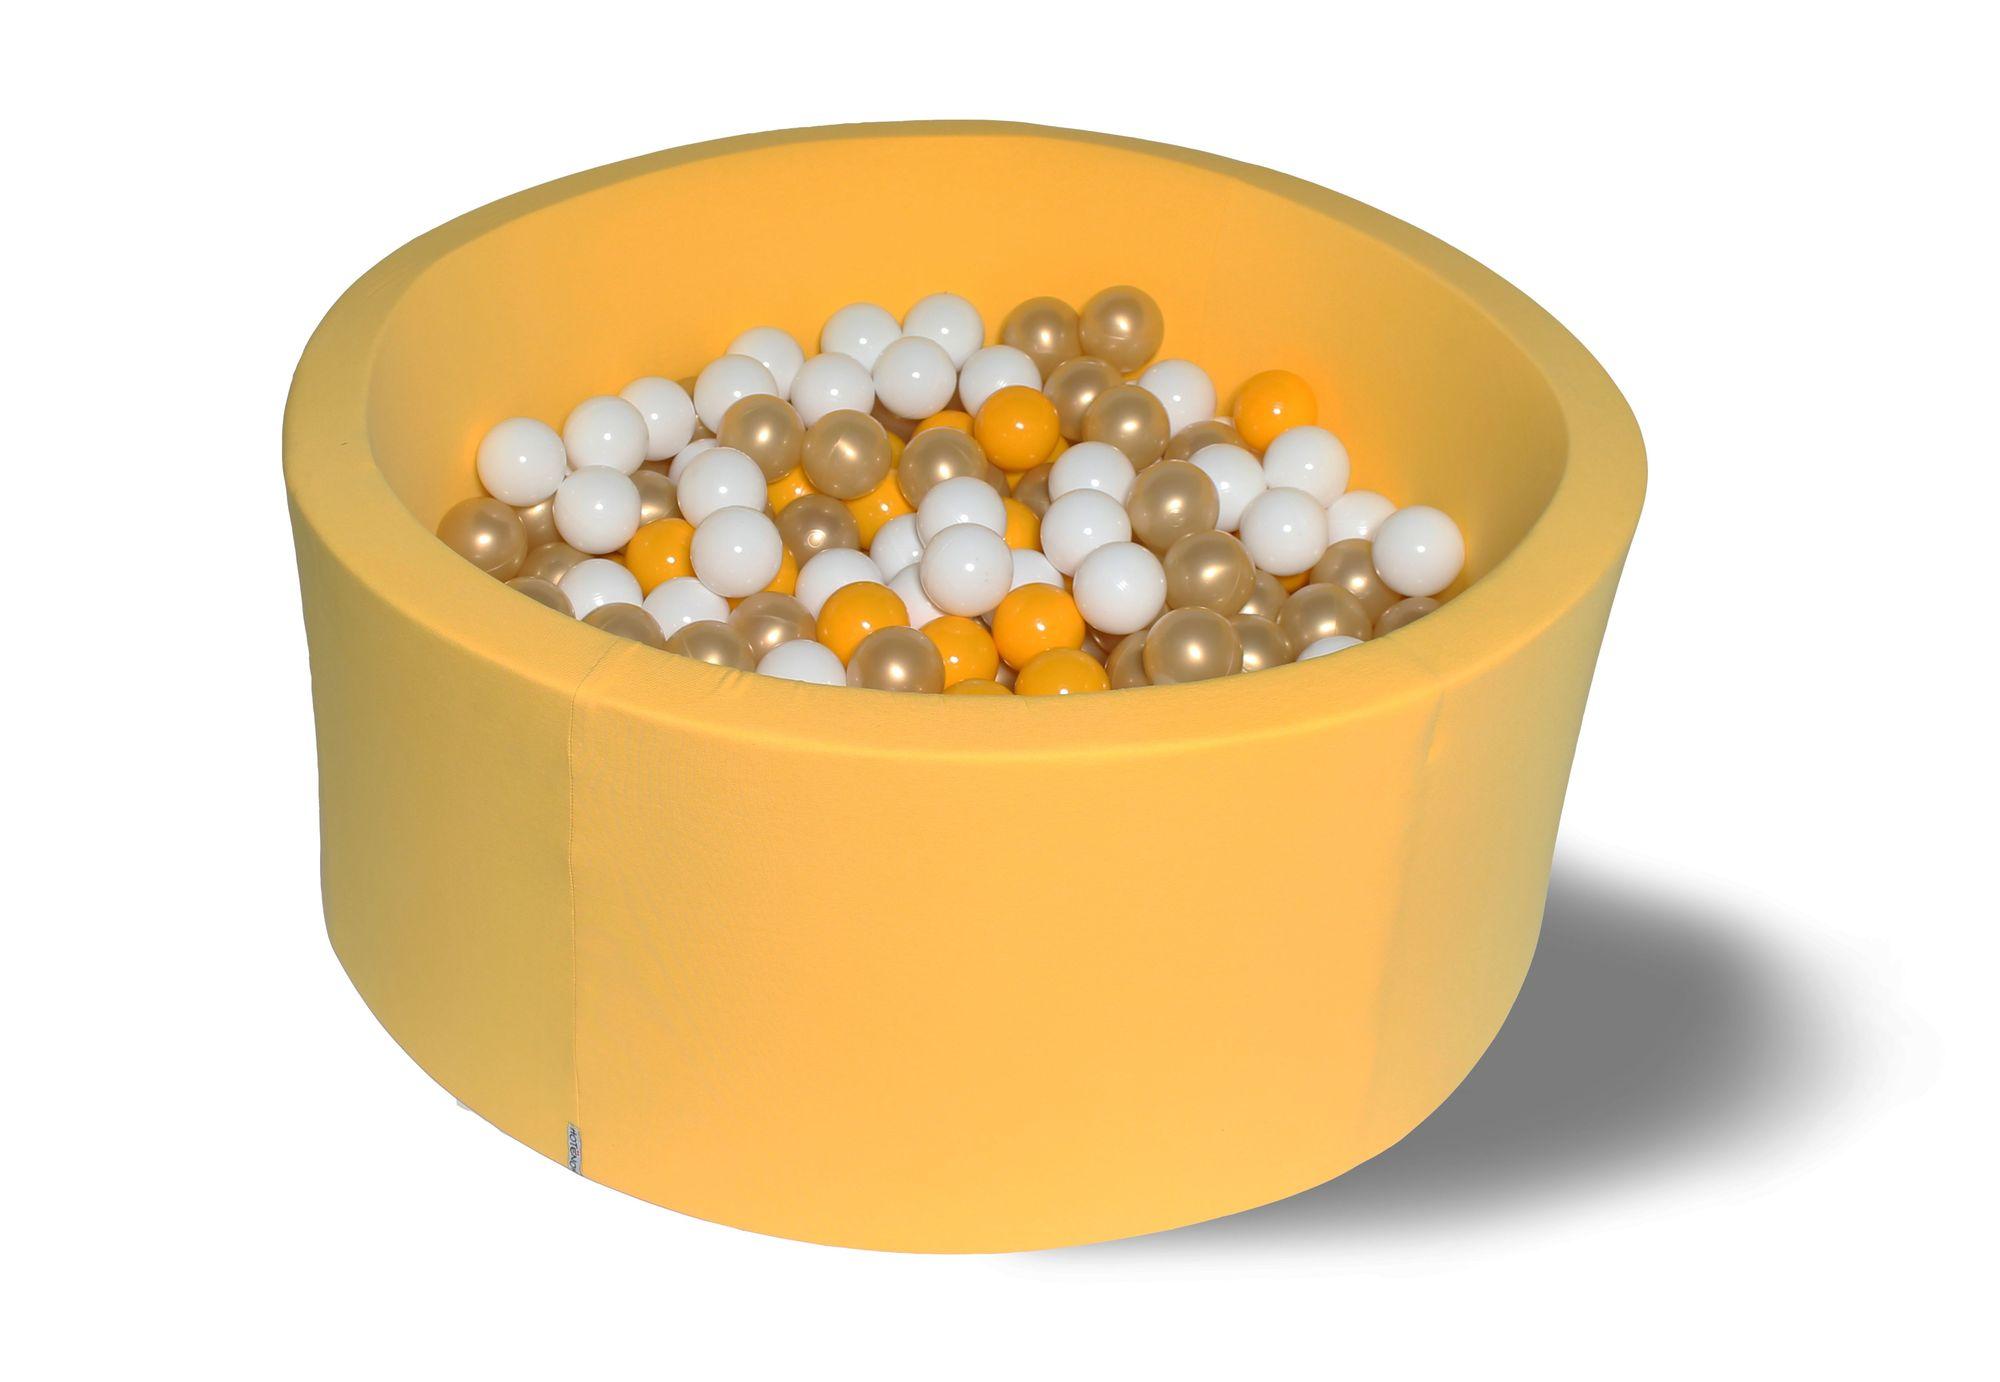 Сухой игровой бассейн Премиум золото желтый 40см